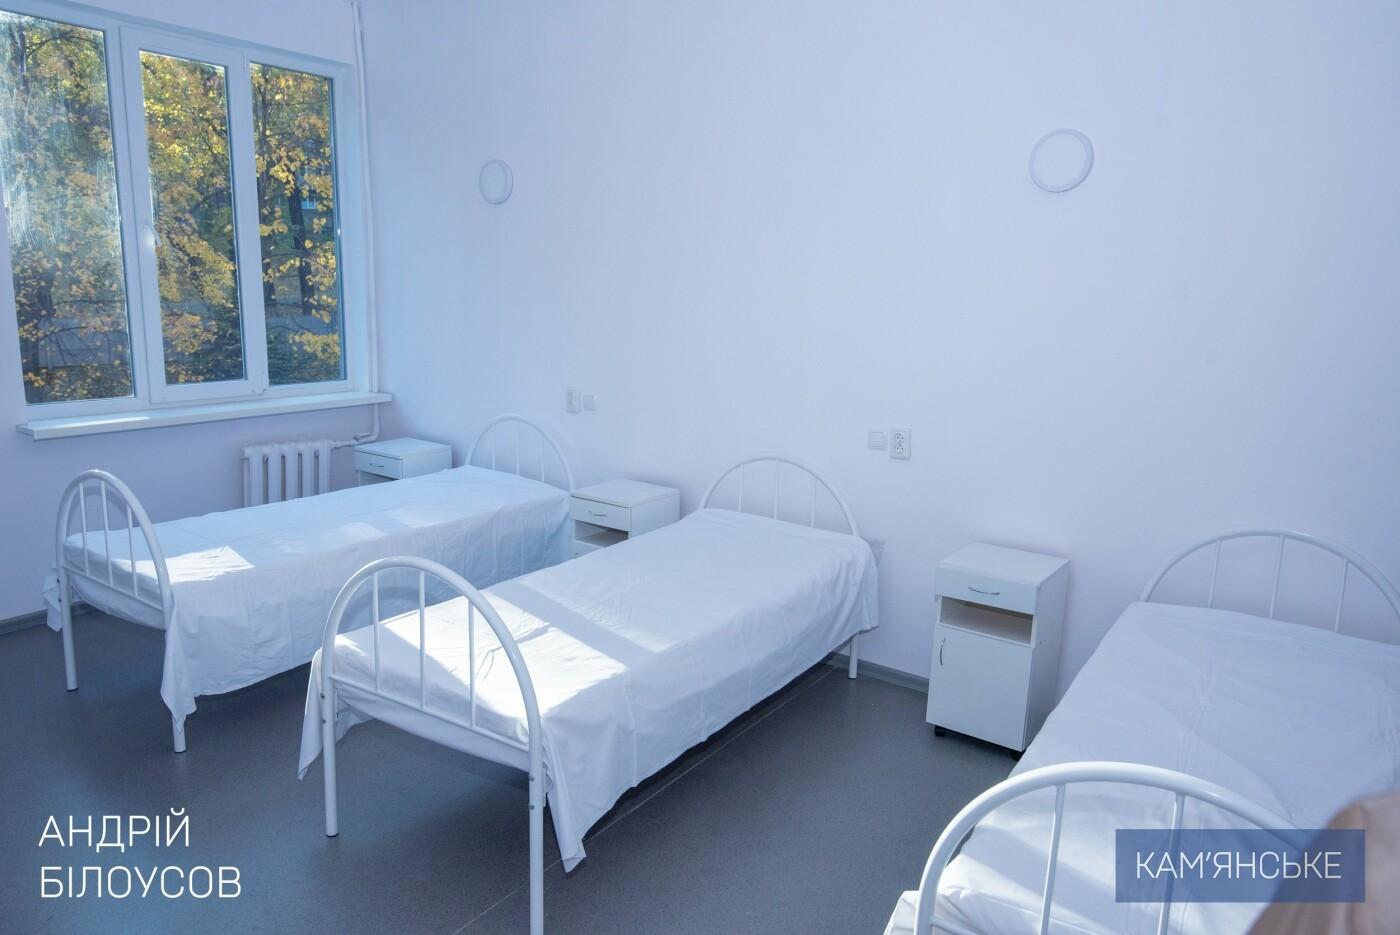 За полтора года в больницах Каменского капитально отремонтировали 9 лечебных отделений, фото-1